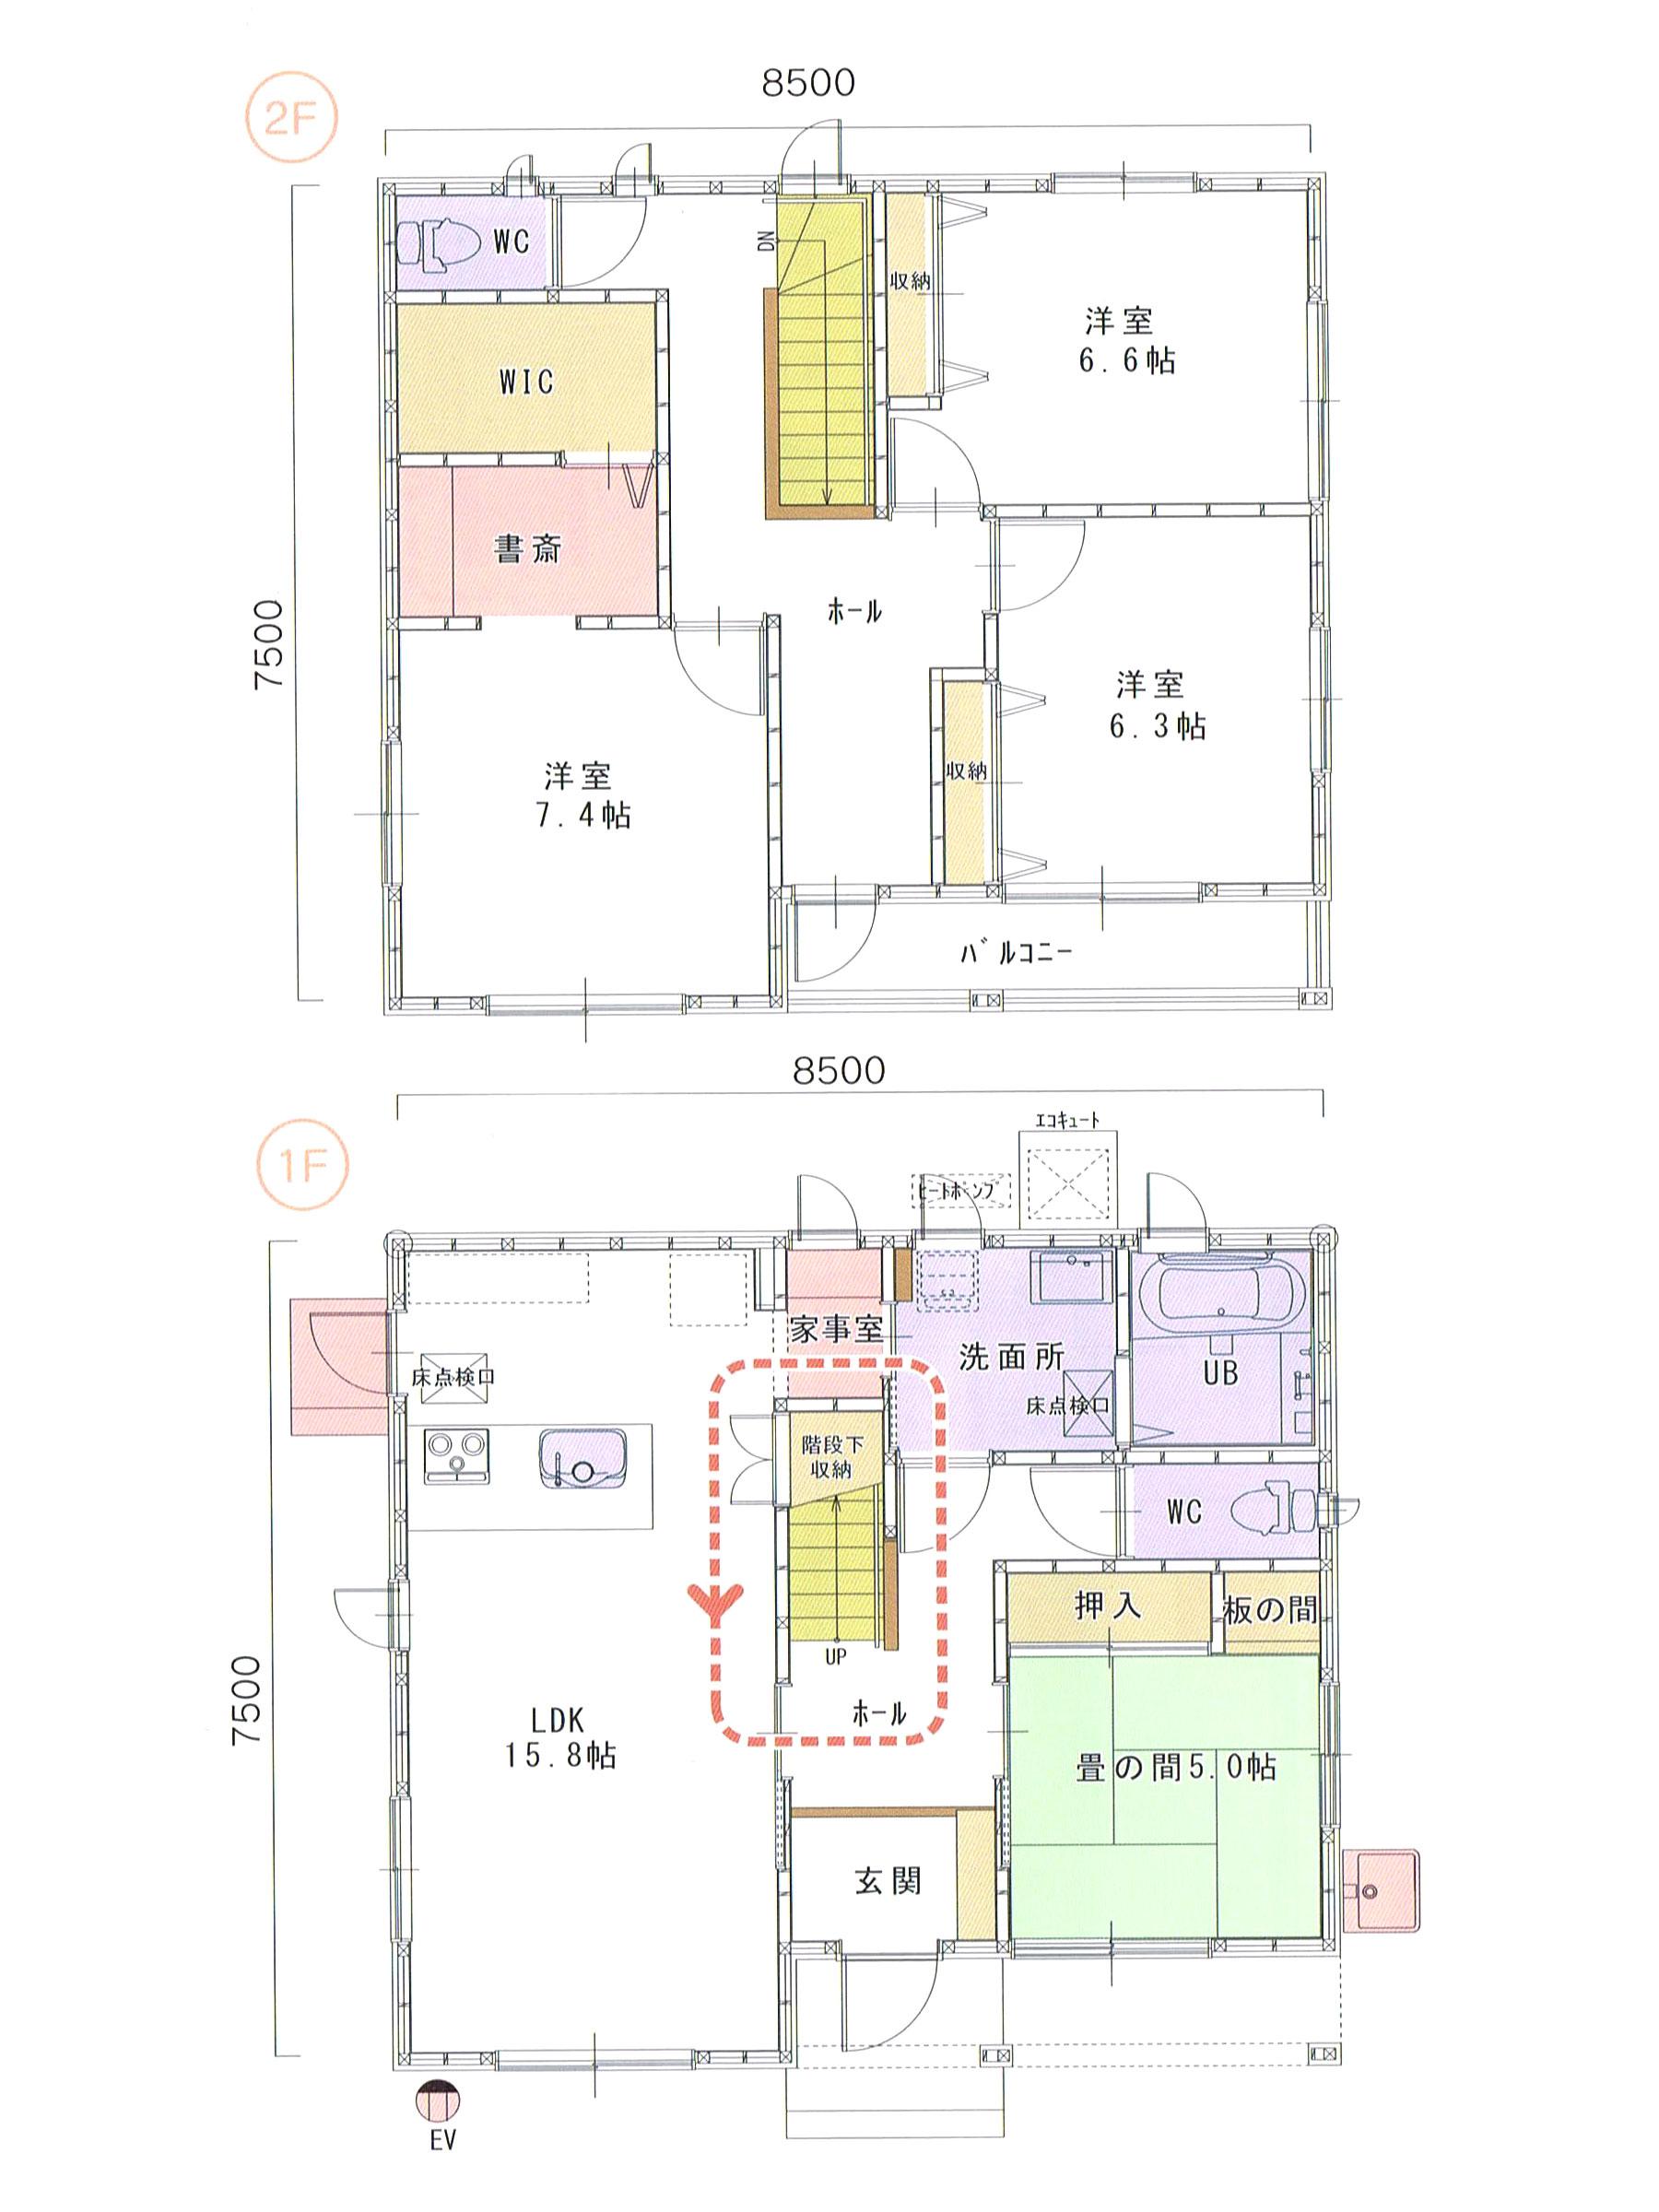 プランK-07 スモリの家